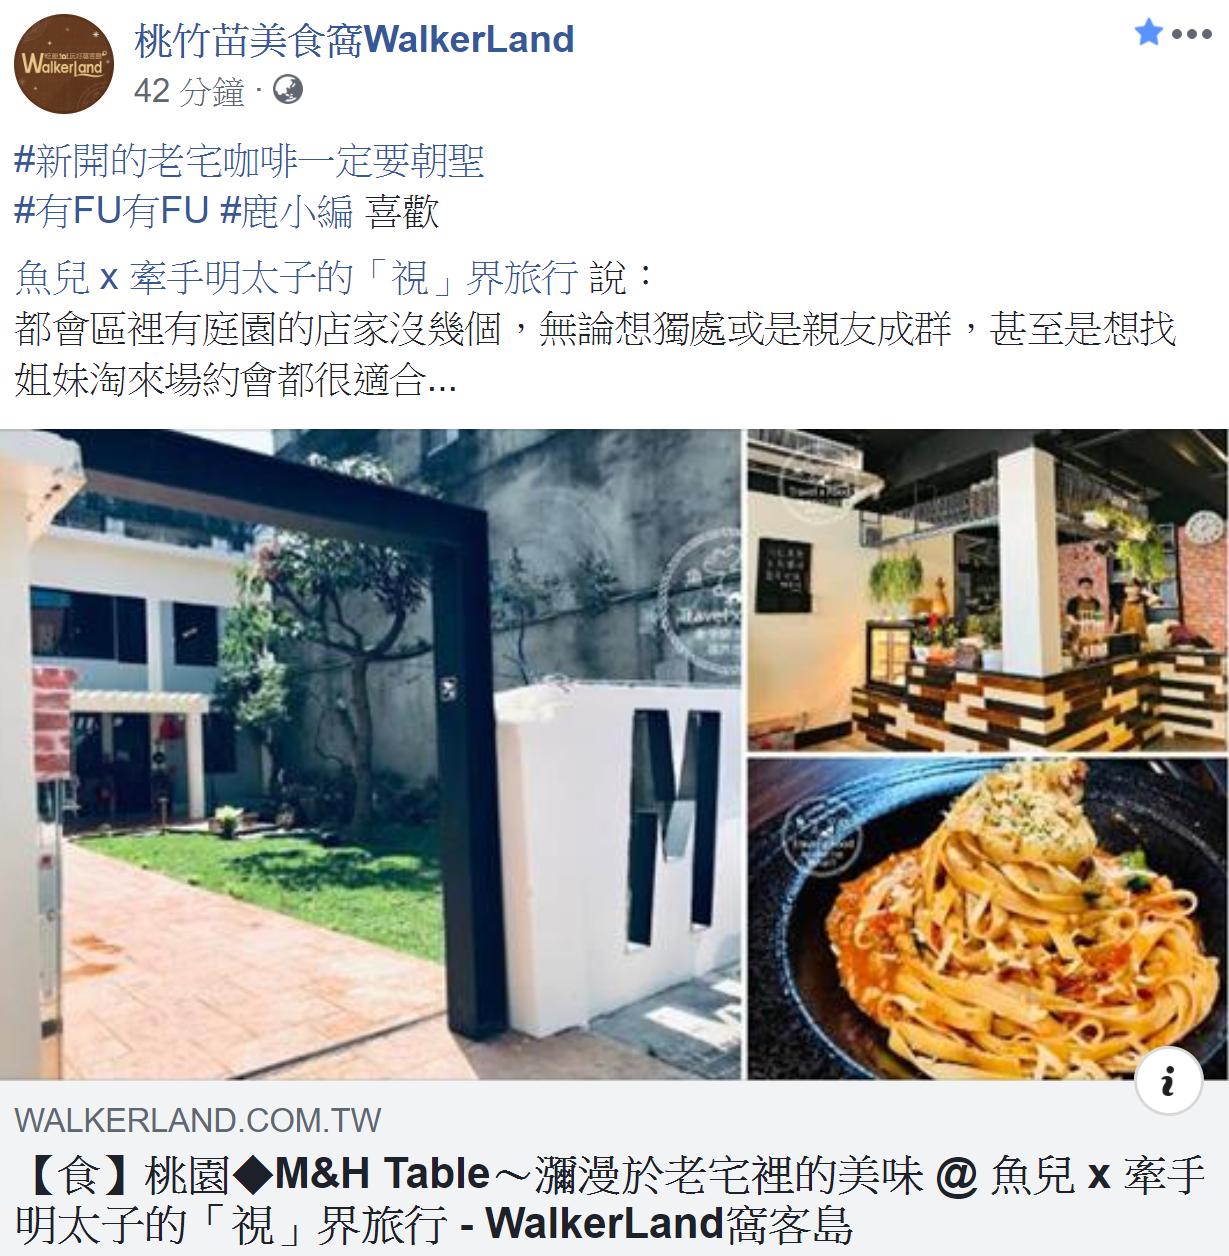 【食】桃園◆M&H Table~瀰漫於老宅裡的美味 @魚兒 x 牽手明太子的「視」界旅行